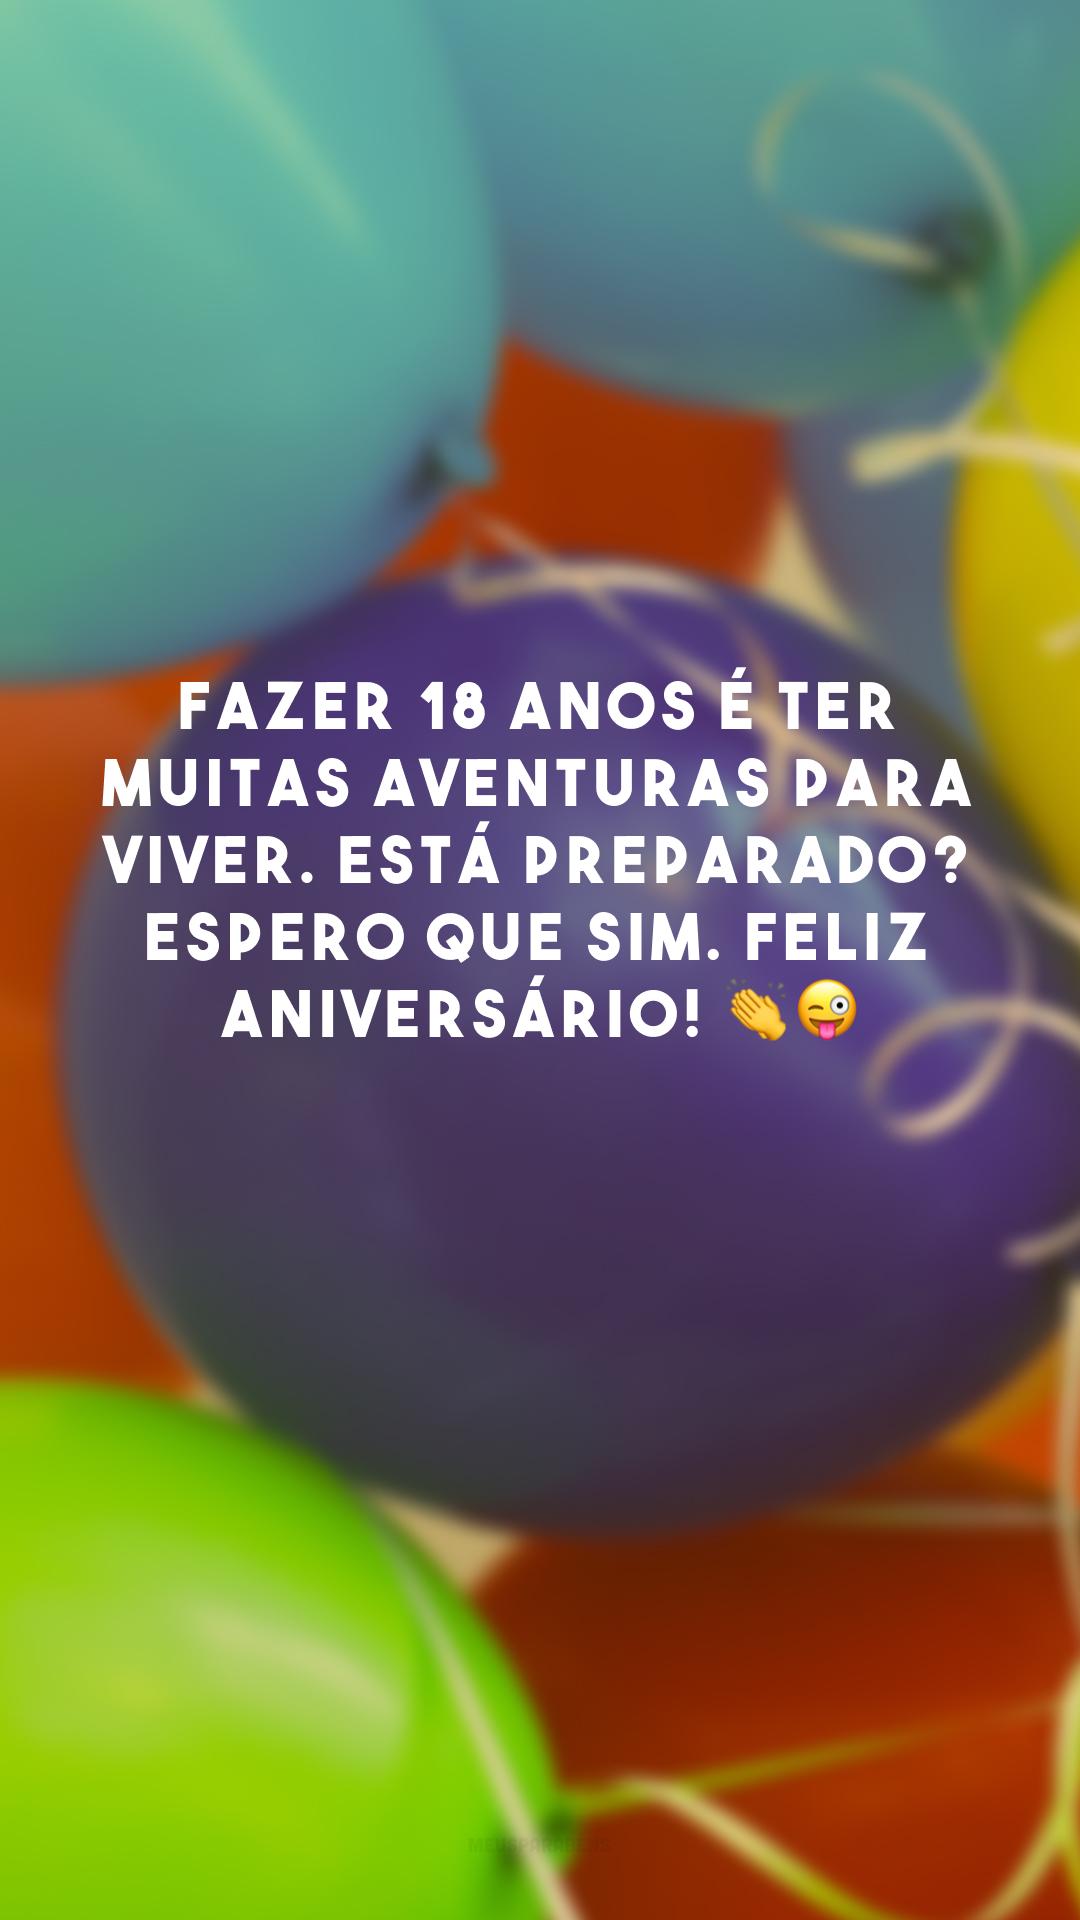 Fazer 18 anos é ter muitas aventuras para viver. Está preparado? Espero que sim. Feliz aniversário! 👏😜